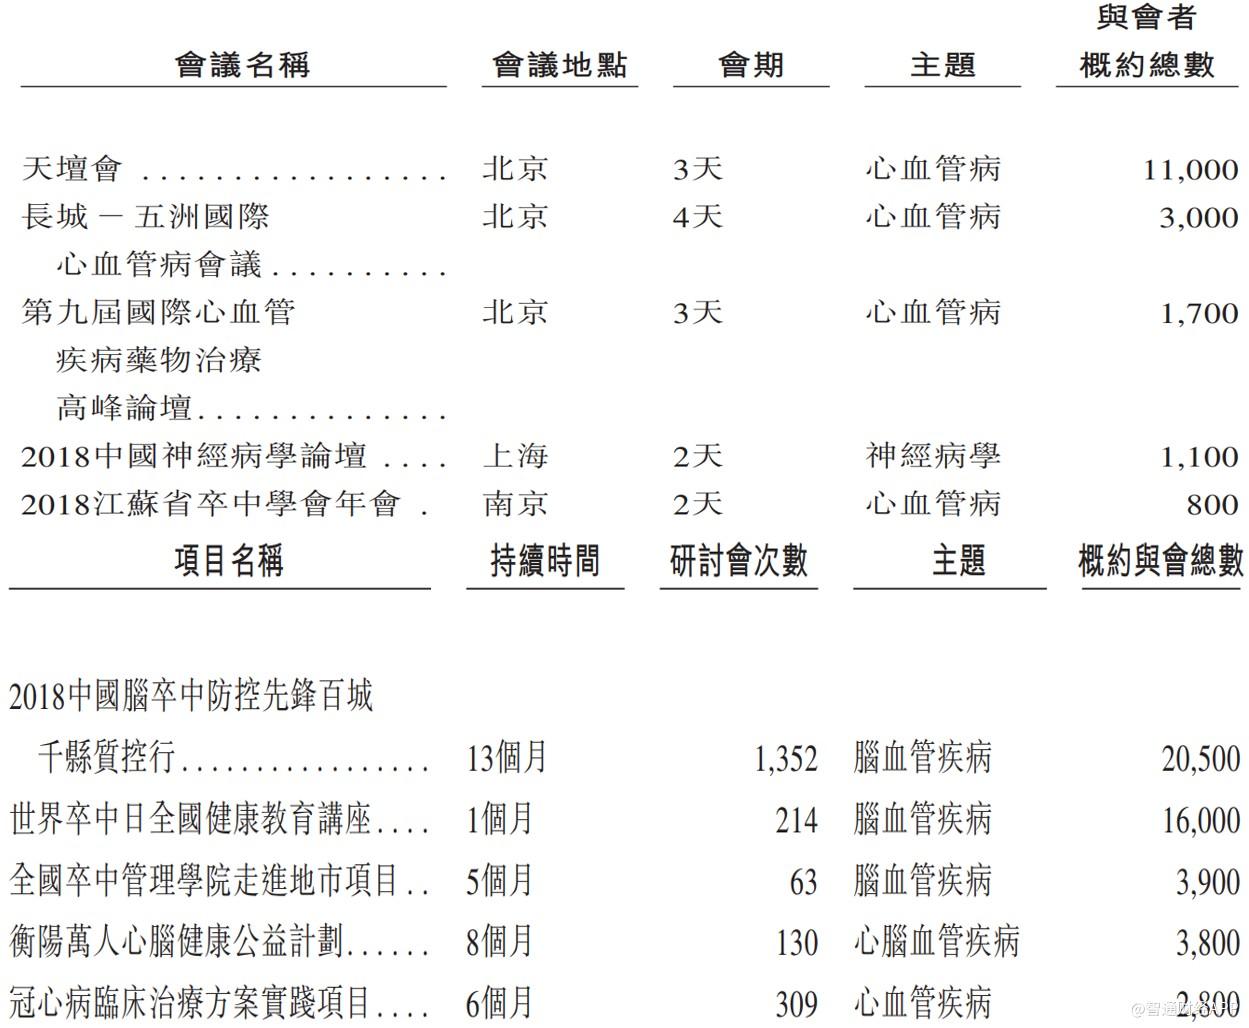 澳门注册送38元|北大学子弑母案嫌犯吴谢宇被抓获 作案动机仍是谜